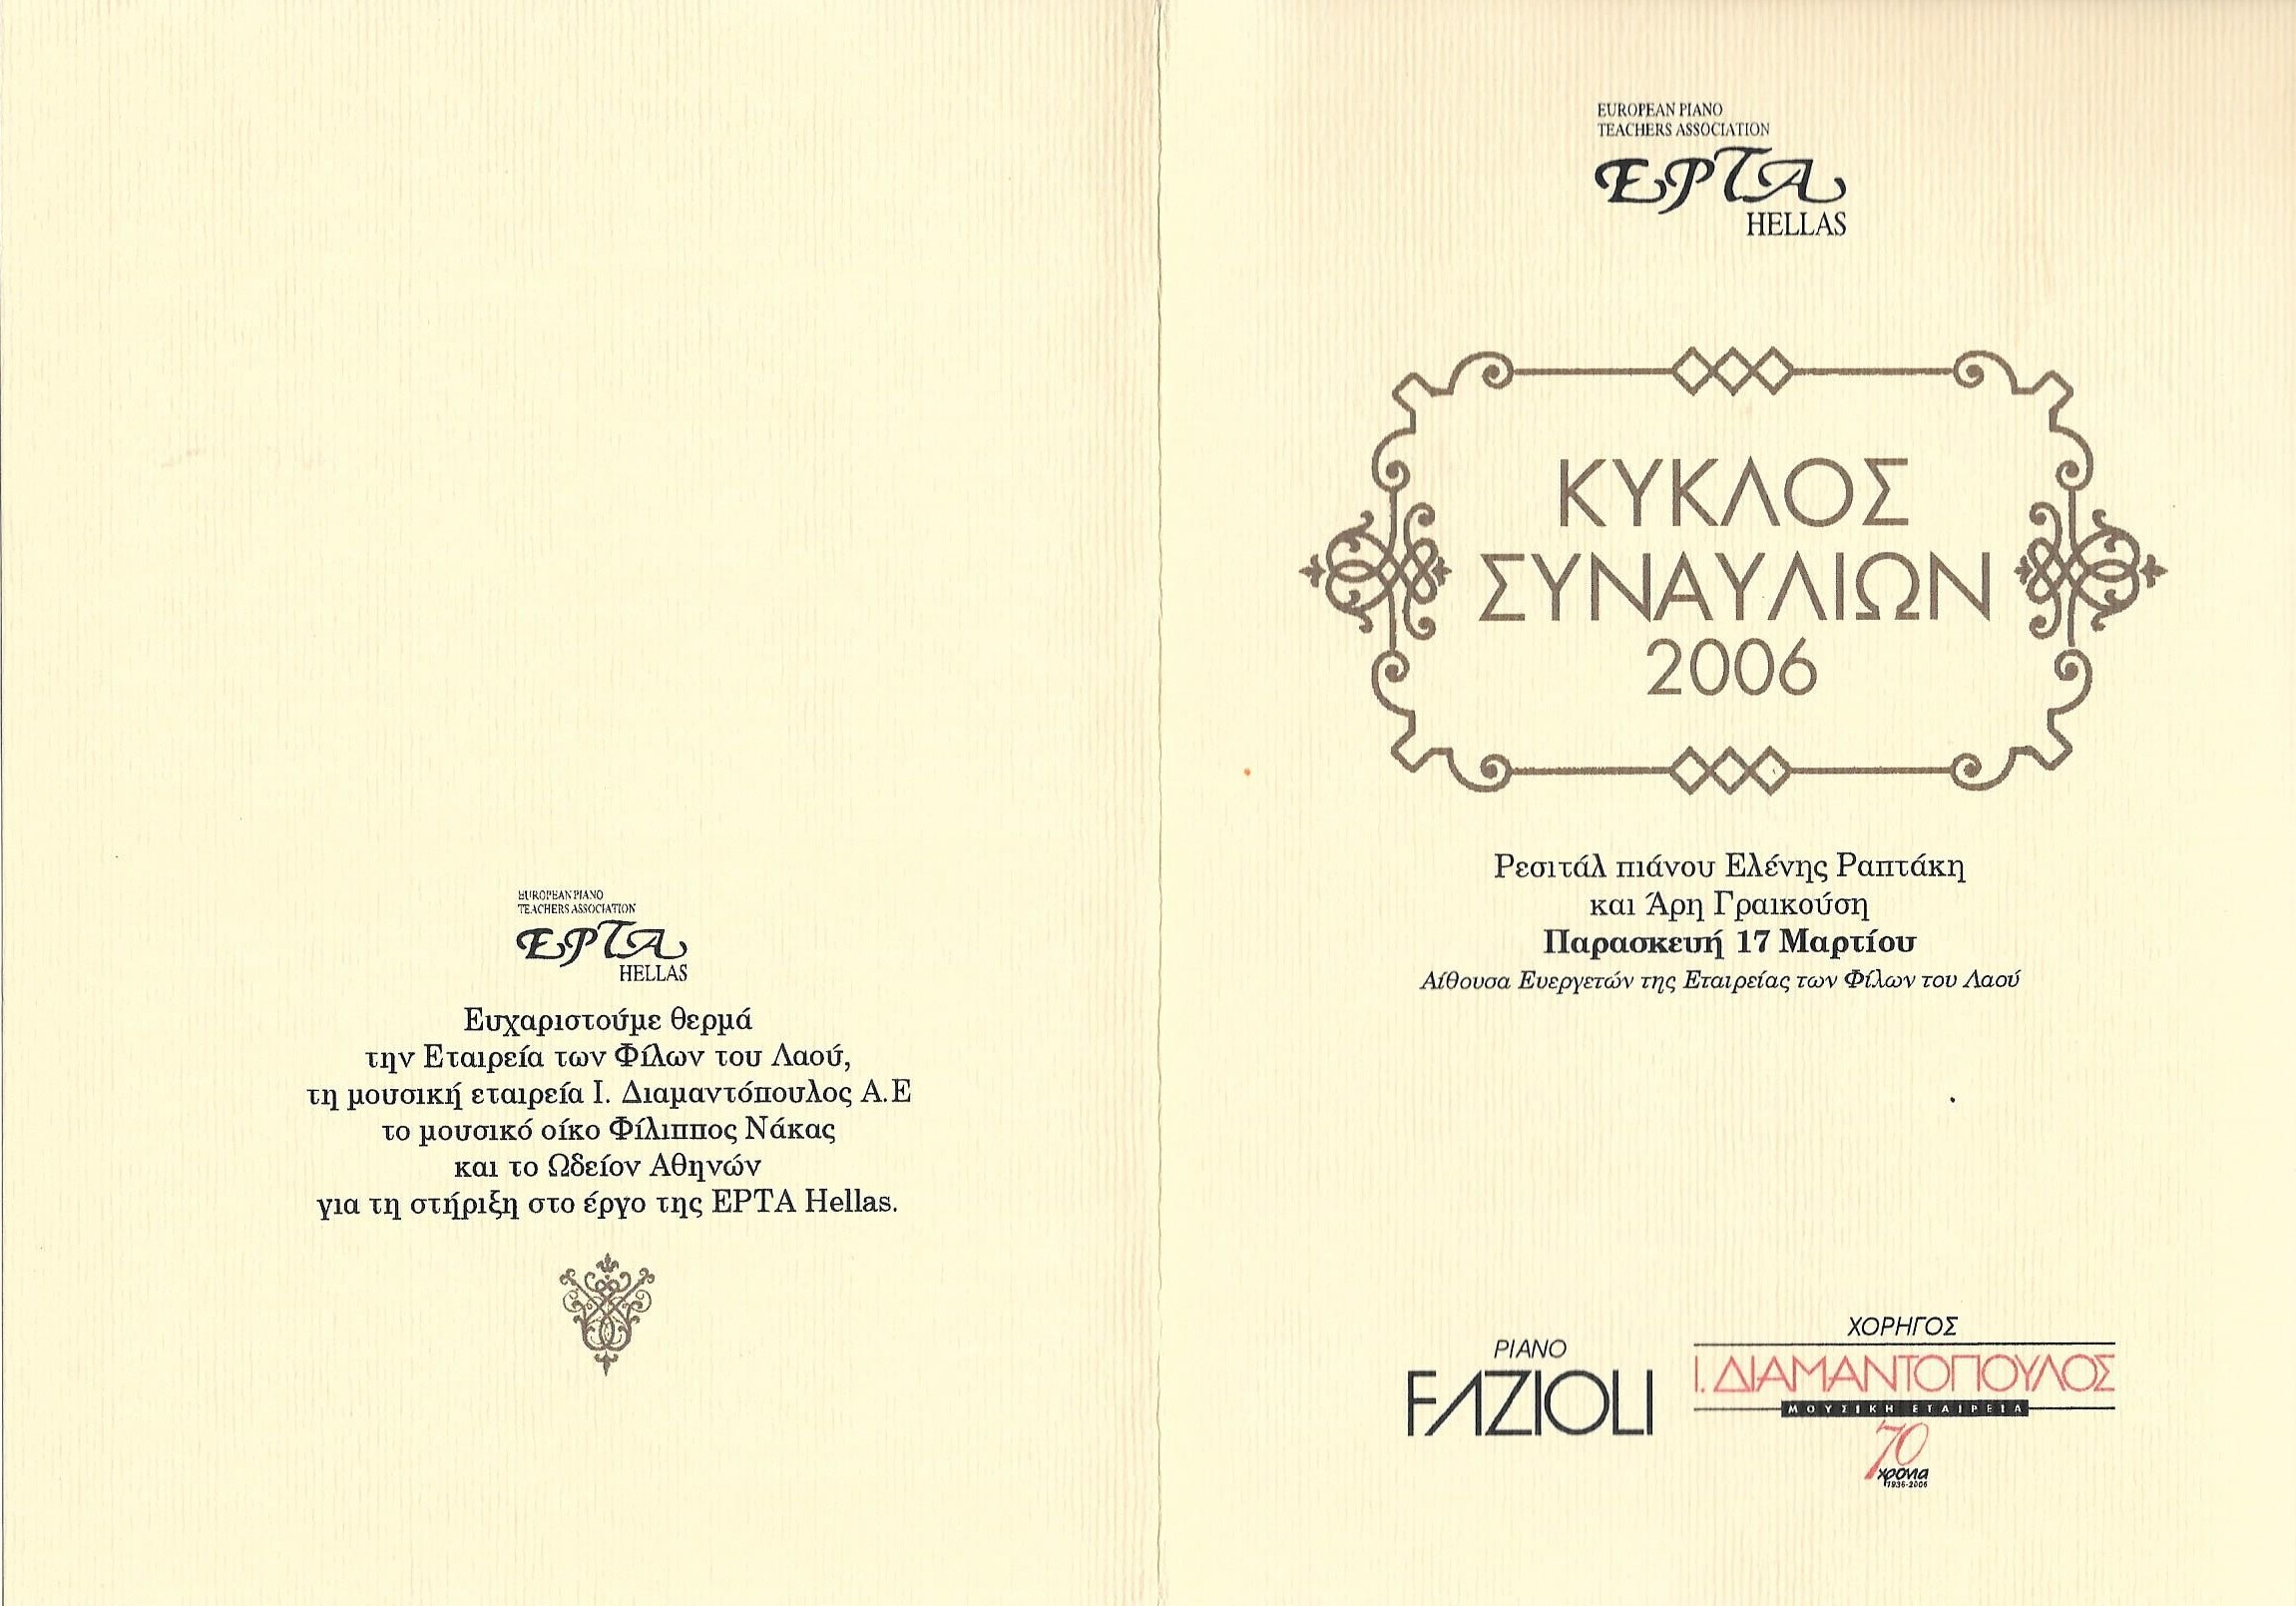 Ρεσιτάλ Πιάνου των Ελένη Ραπτάκη και Άρη Γραικούση